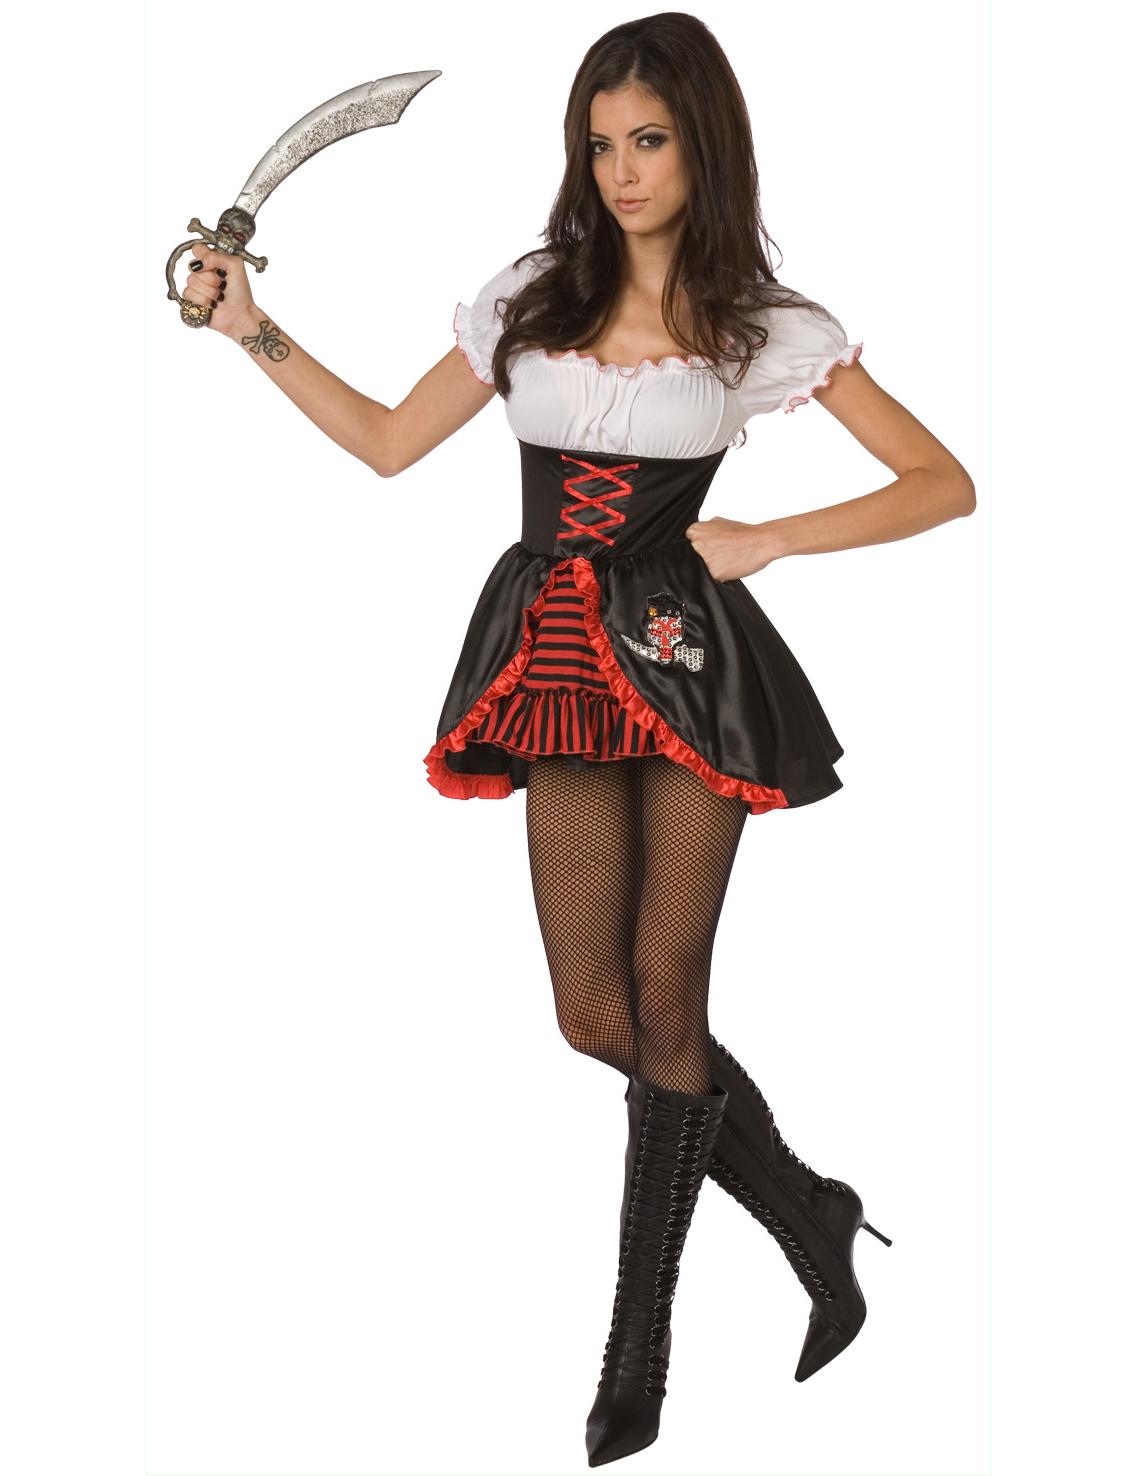 d guisement pirate femme sexy noir et rouge deguise toi achat de d guisements adultes. Black Bedroom Furniture Sets. Home Design Ideas